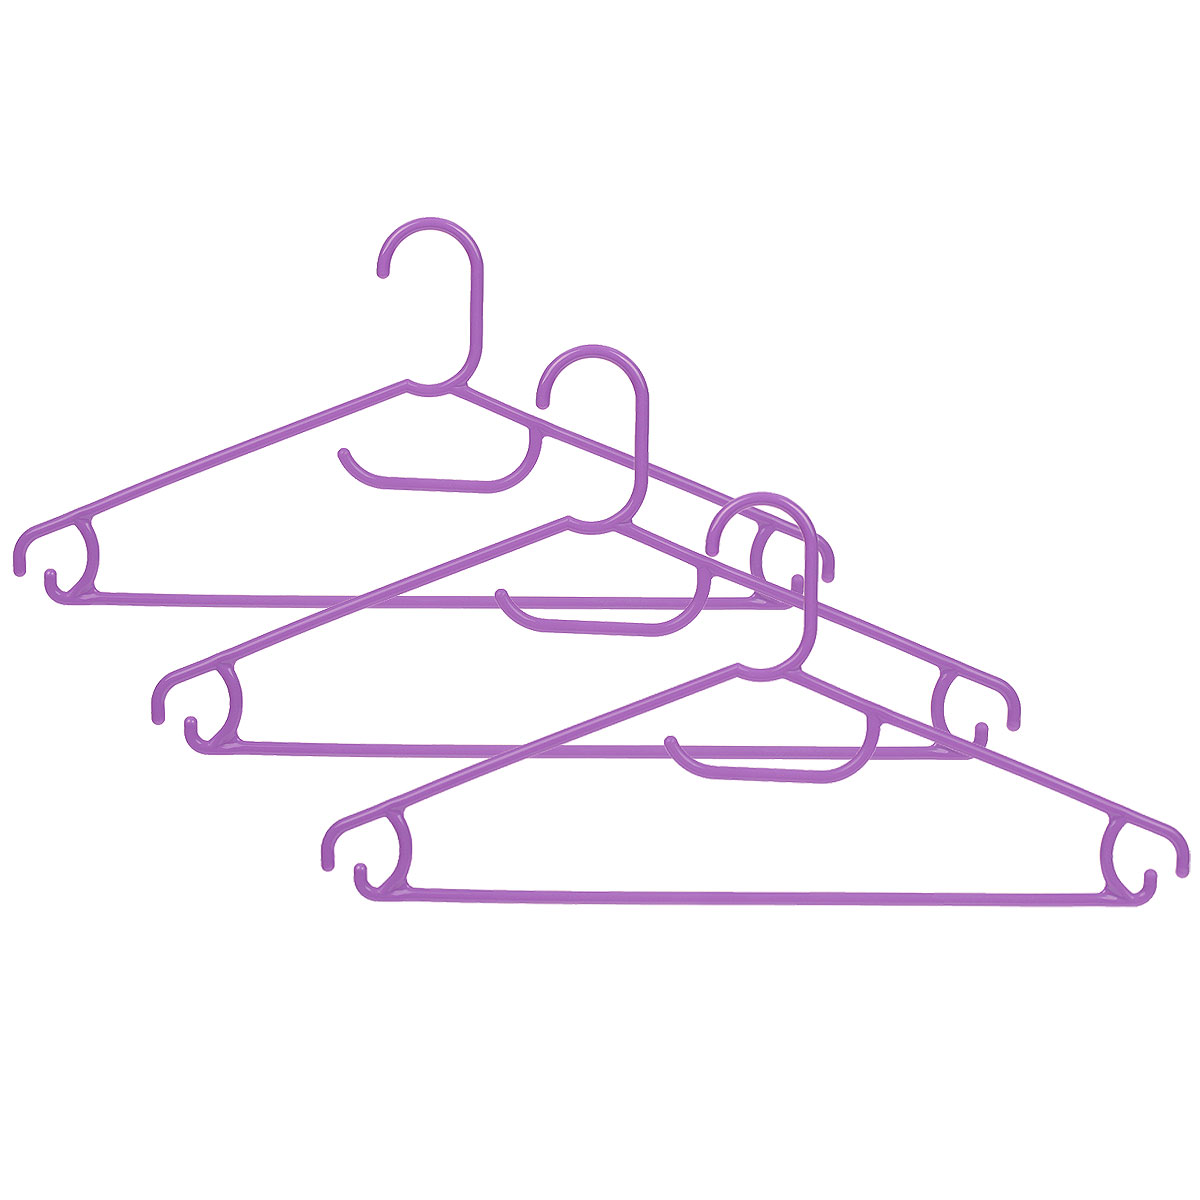 Набор вешалок Econova, цвет: сиреневый, размер 48, 3 штZ-0307Набор Econova, выполненный из прочного пластика, состоит из 3 вешалок.Каждое изделие оснащено перекладиной, боковыми крючками, а также крючком для галстуков. Вешалка - это незаменимая вещь для того, чтобы ваша одежда всегда оставалась в хорошем состоянии.Комплектация: 3 шт.Размер одежды: 48.